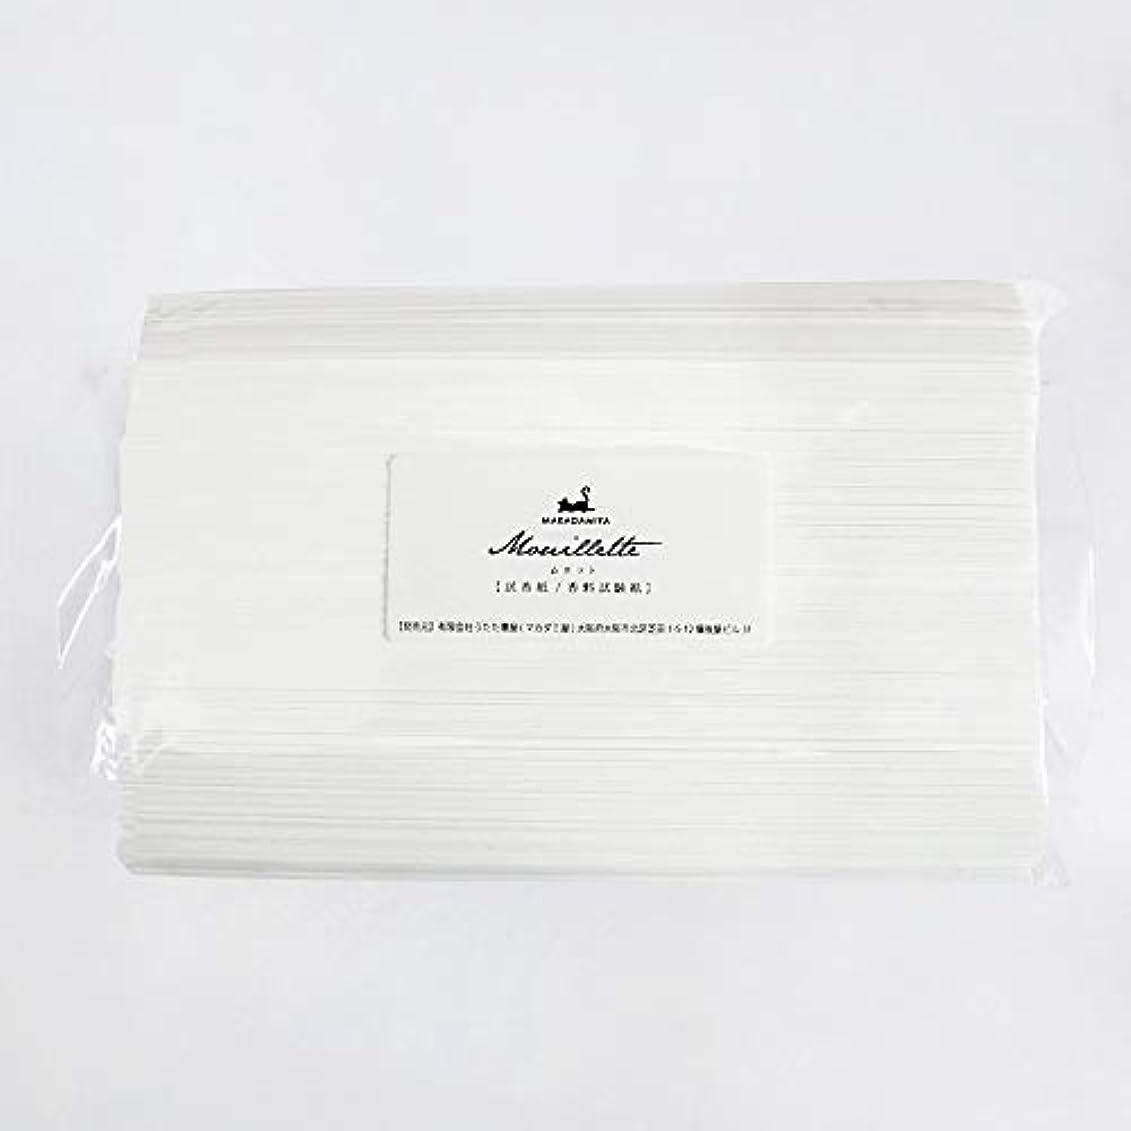 スープホスト租界ムエット500本入り 大容量 プロ用(アロマ検定試験対応 試香紙 香料試験紙) マカダミ屋